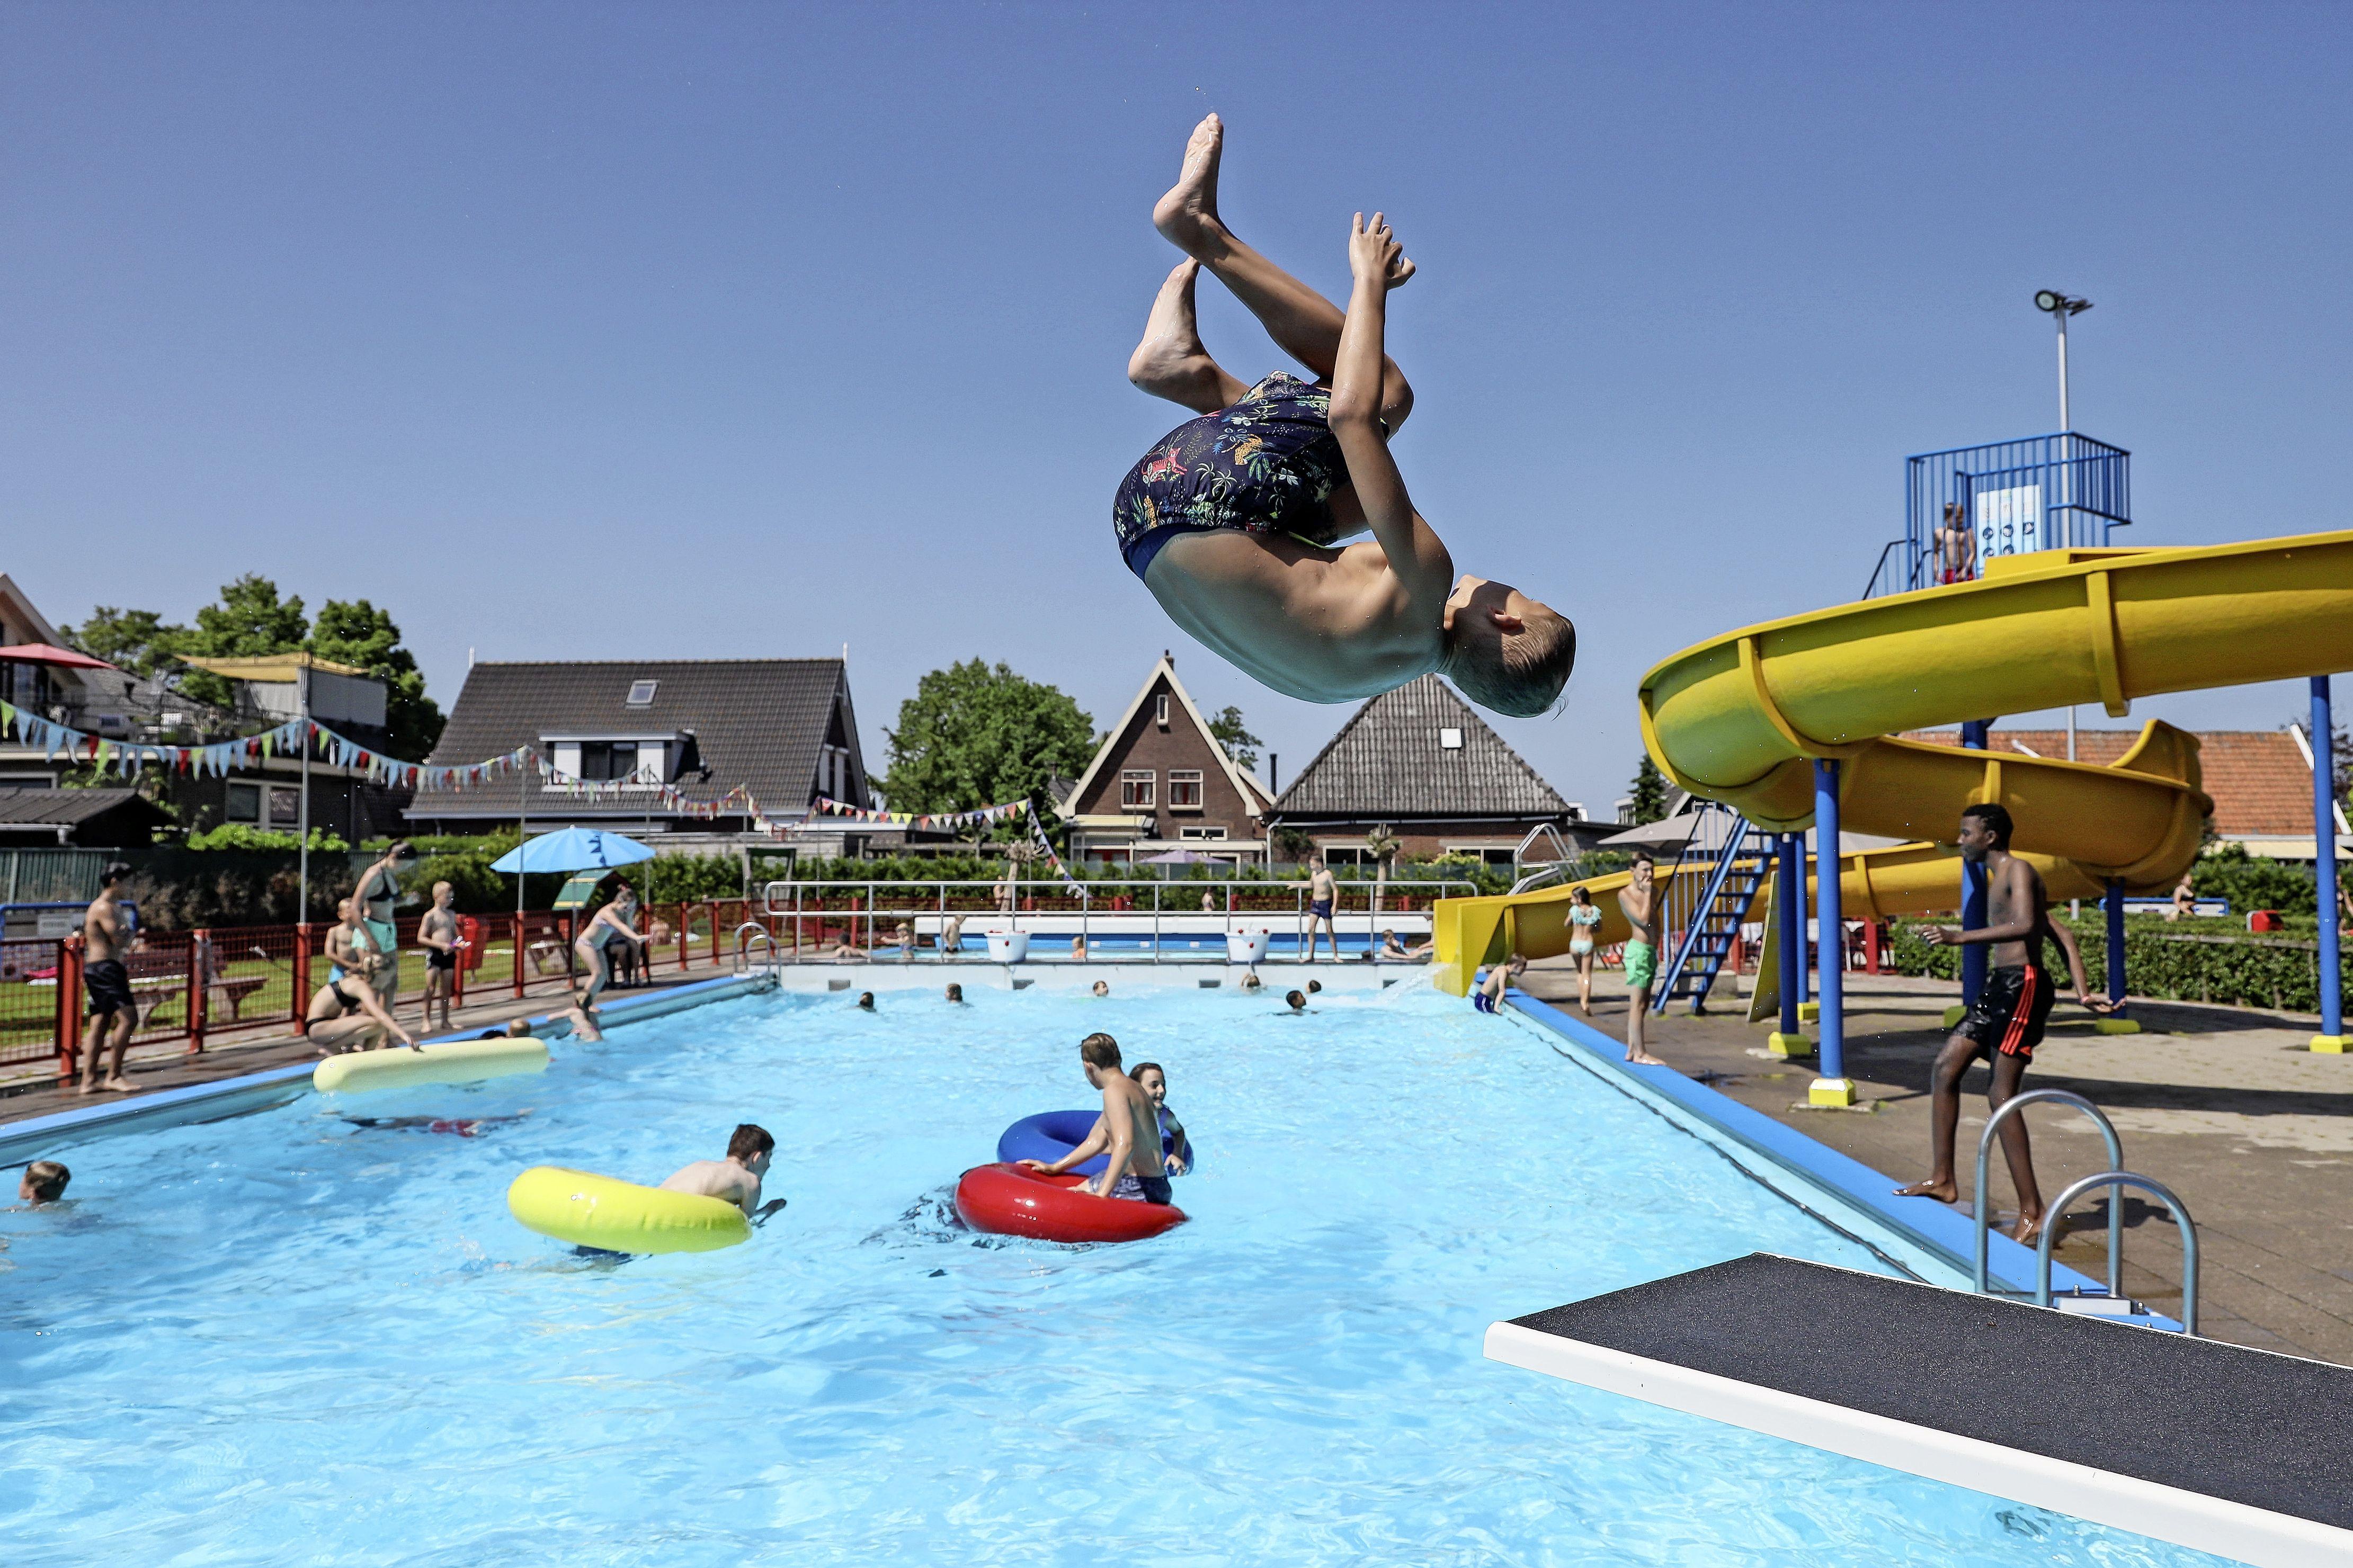 Met stoere salto op weg naar verkoeling op zomerse dag